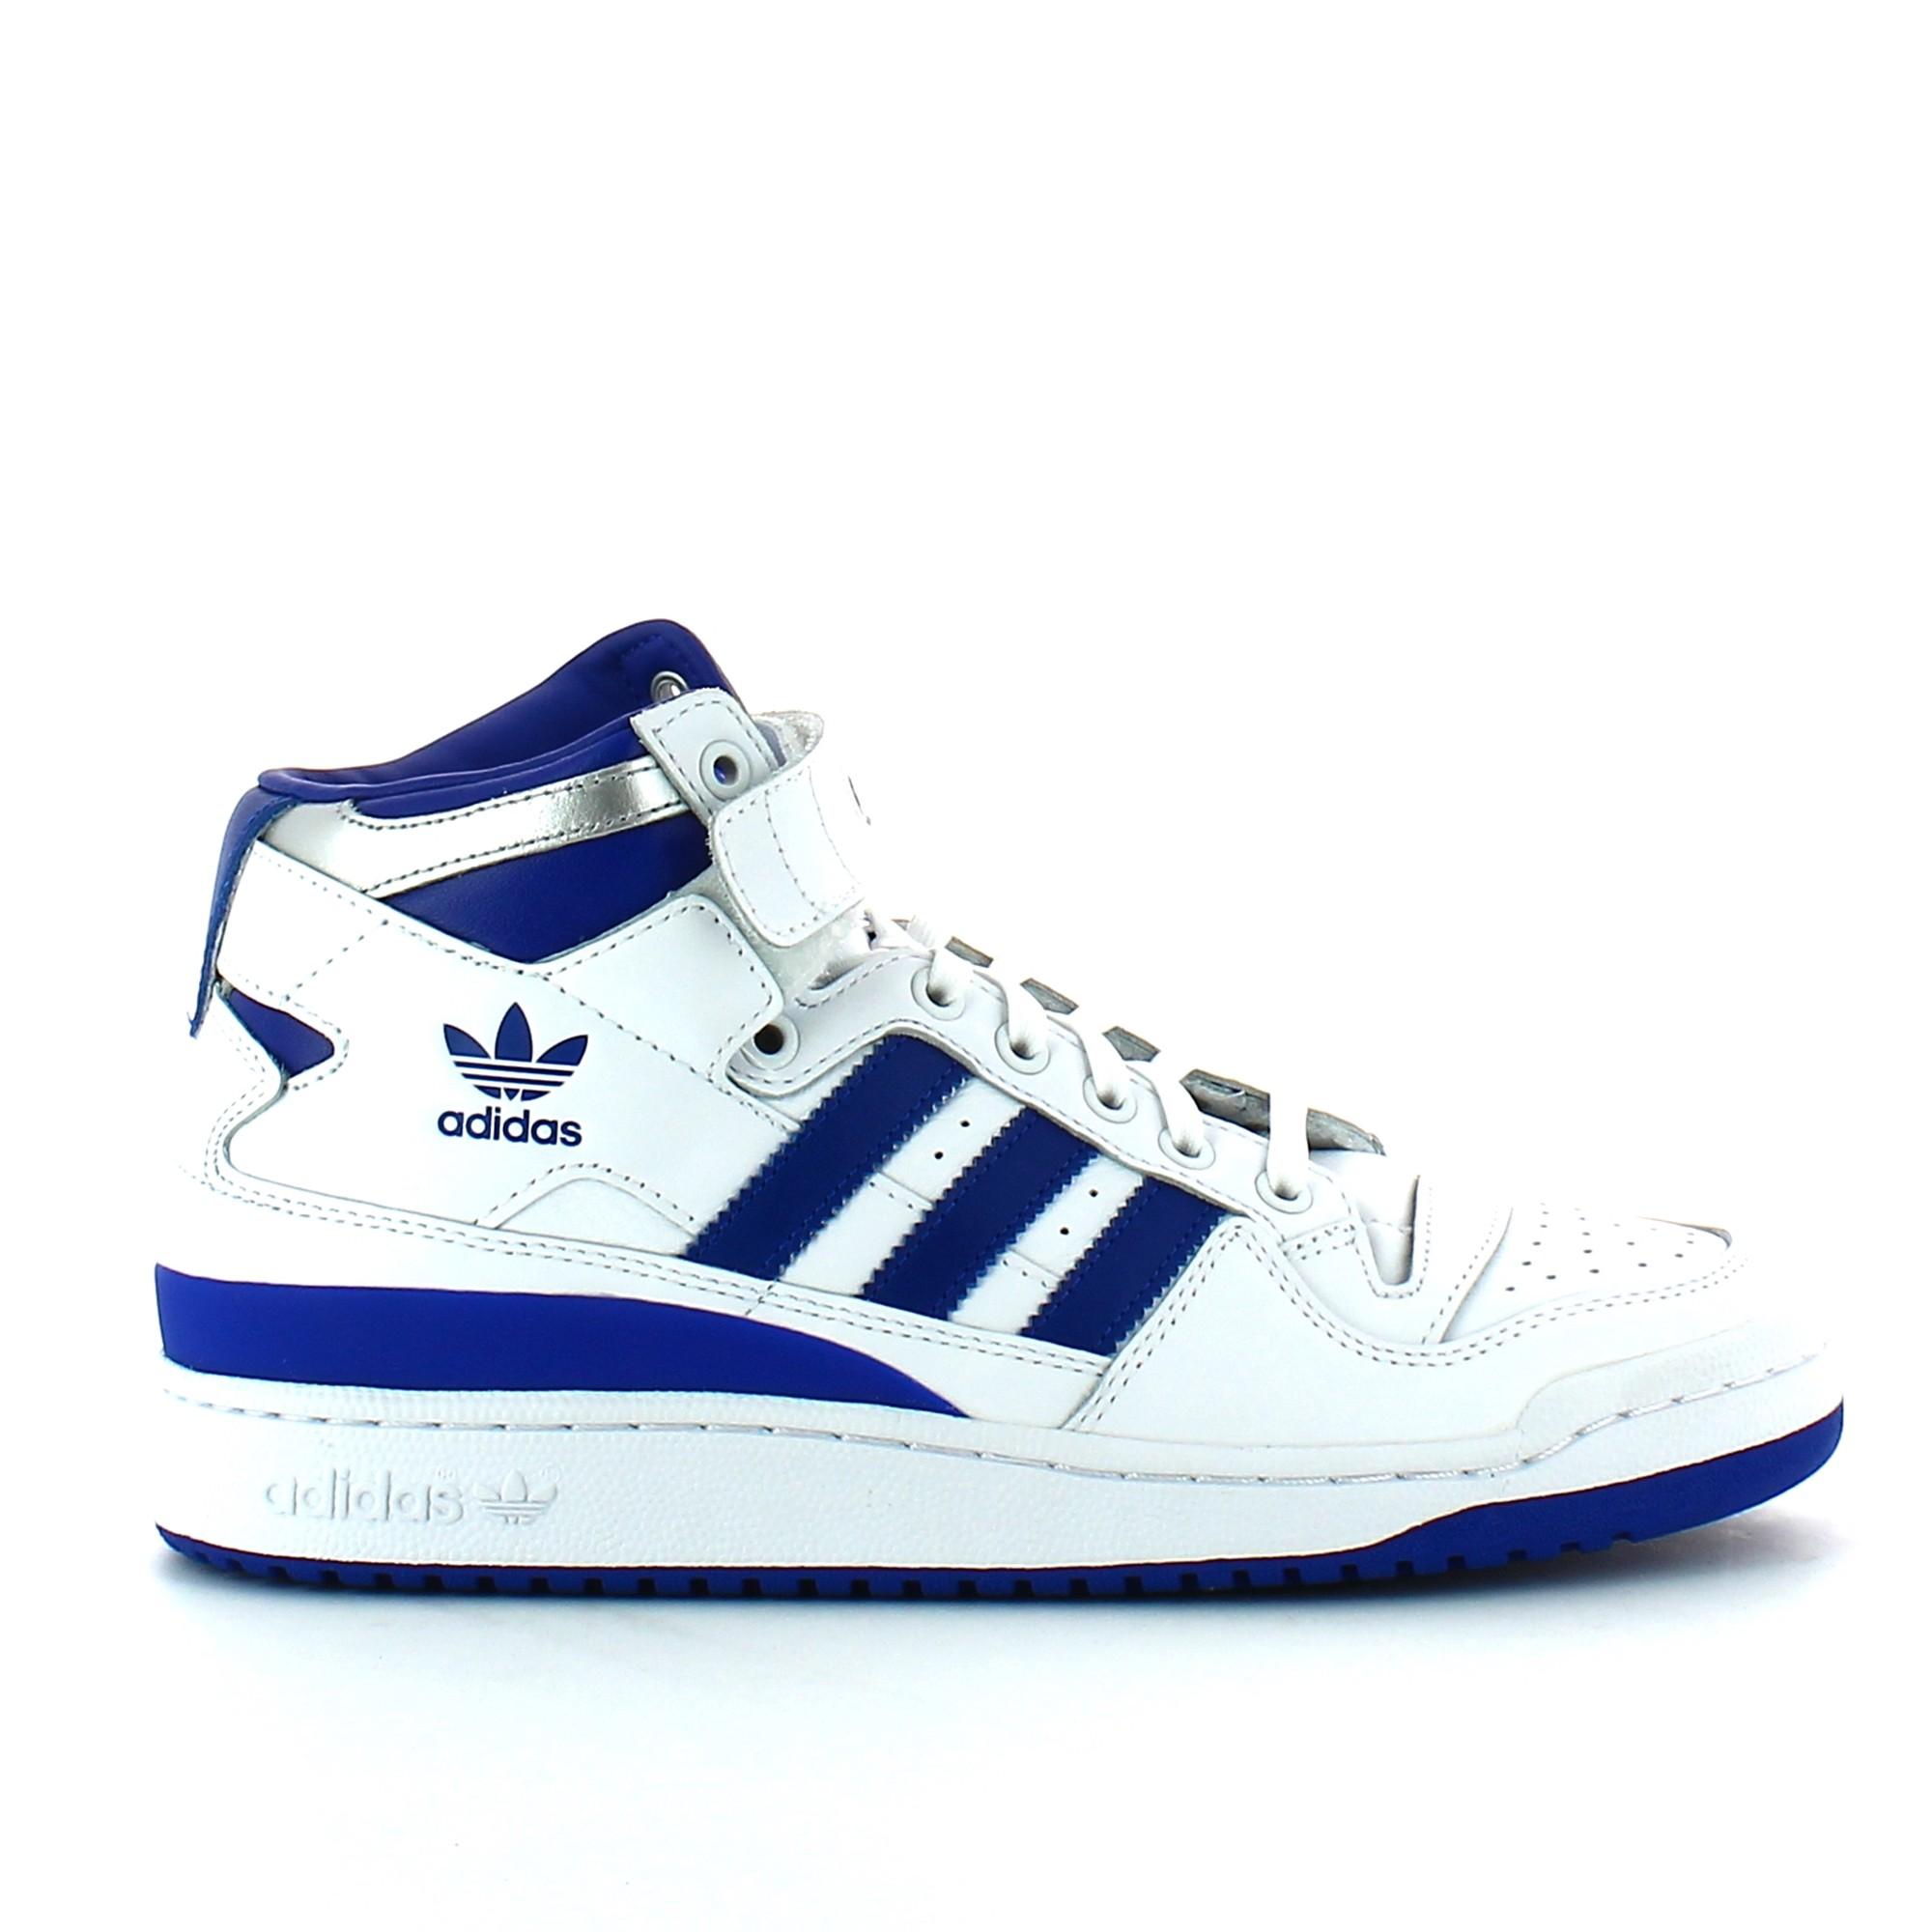 b70d805c3a5b3d Zapatillas Adidas Forum Mid Refined Blanco Azul Hombre - Deportes Moya